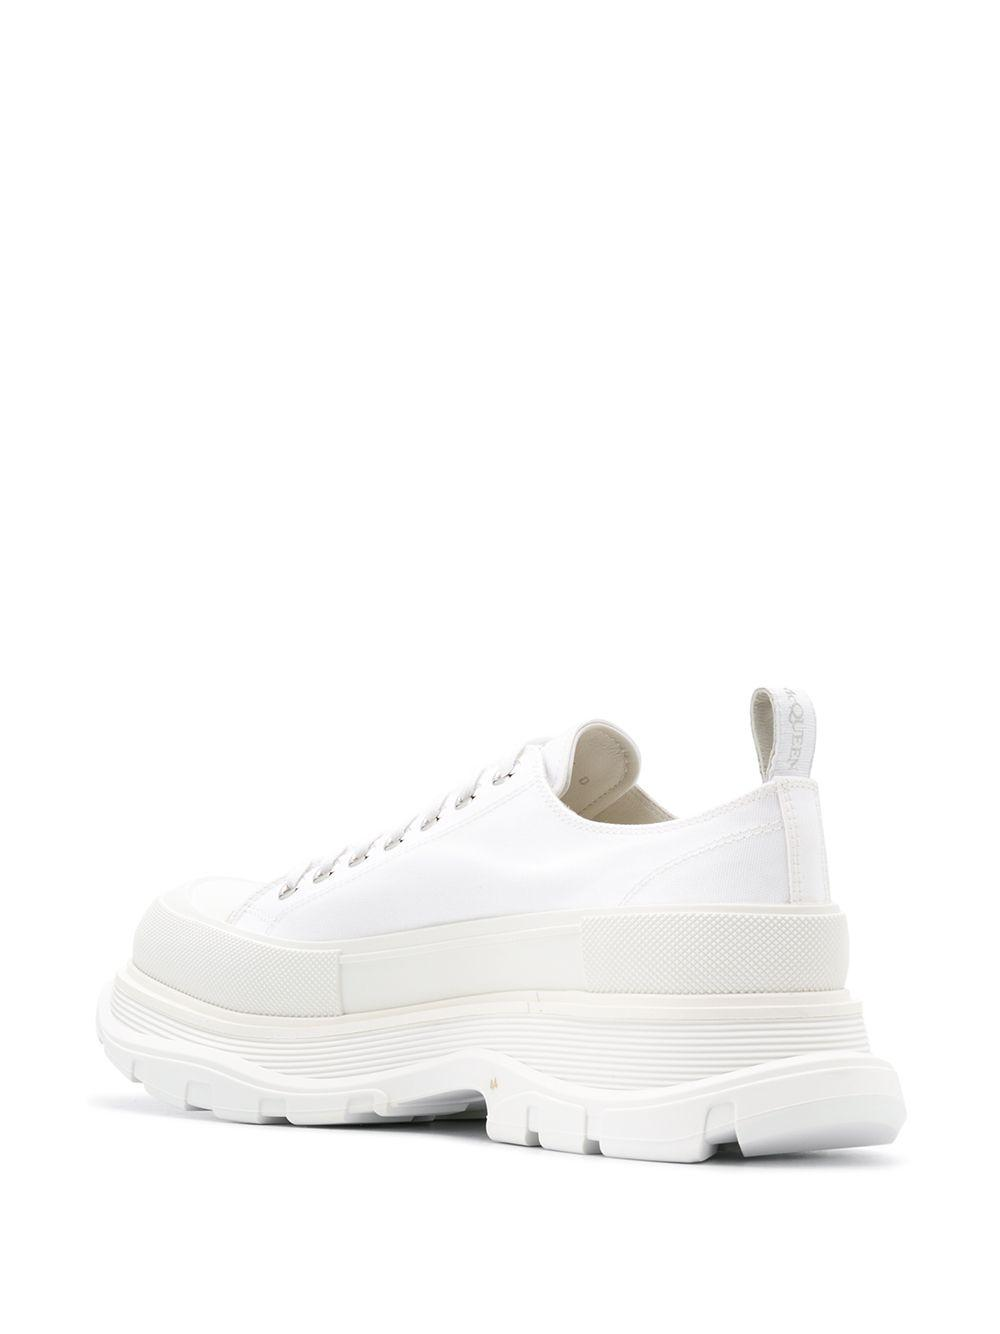 Alexander McQueen Katoen Chunky Low-top Sneakers in het Wit voor heren